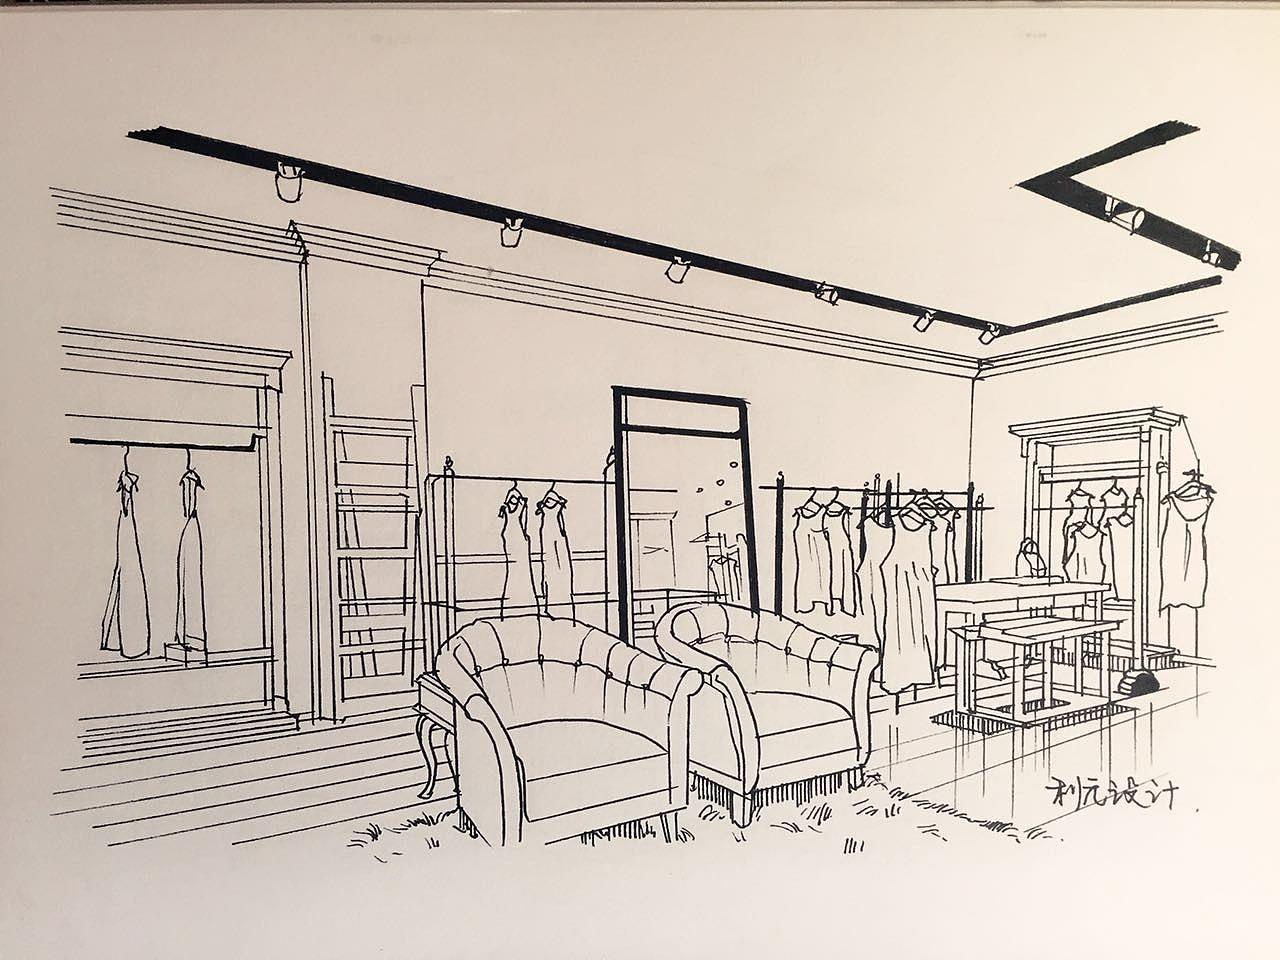 服装店手绘稿|空间|展示设计 |利元设计 - 原创作品